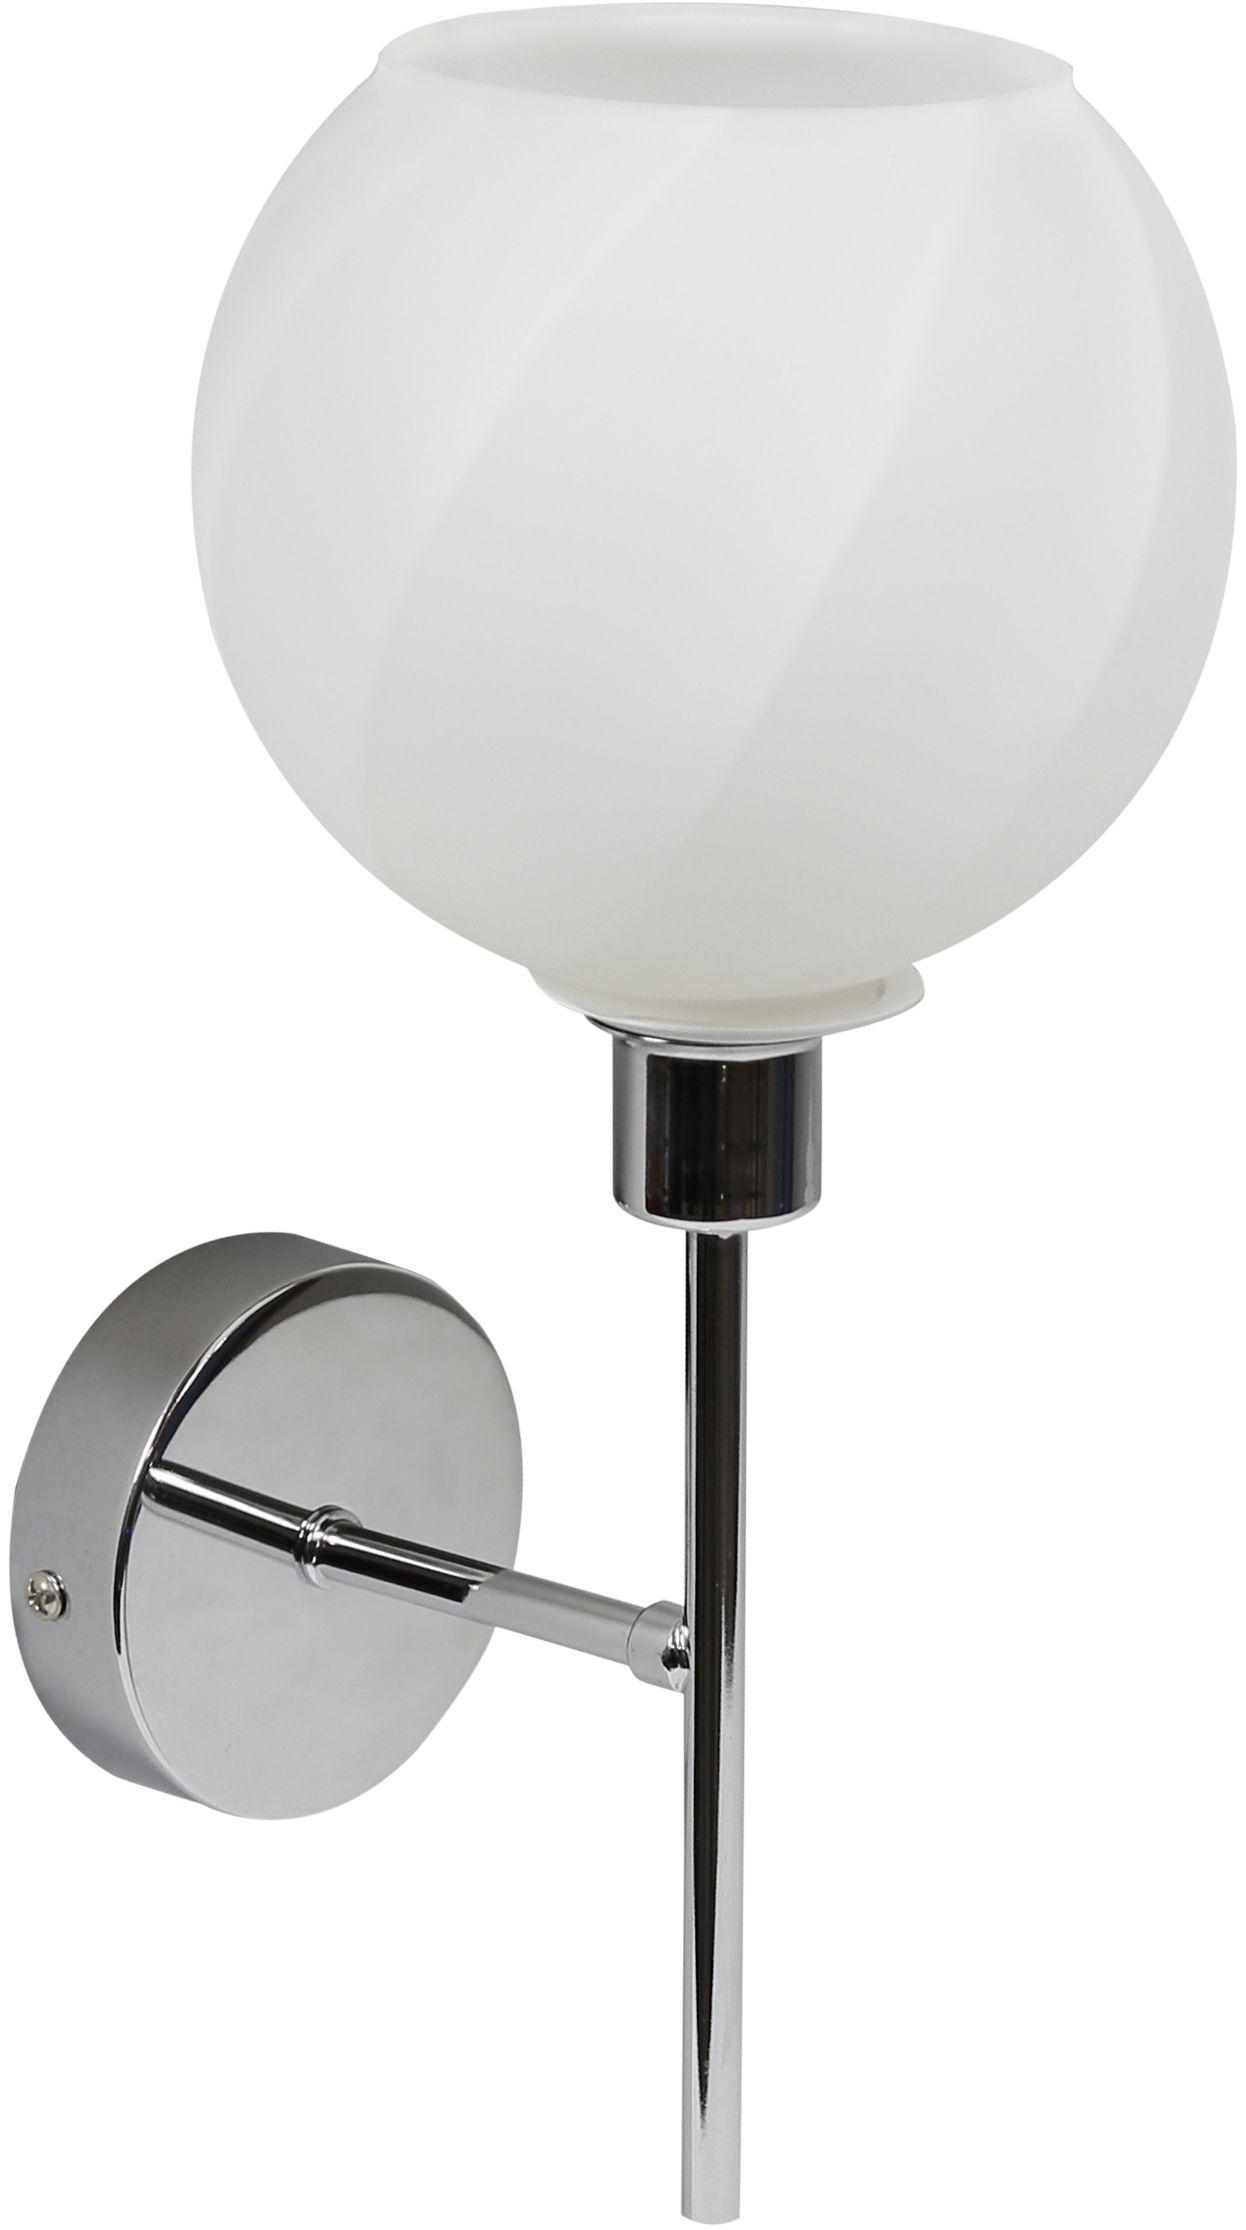 Candellux RAUL 21-72191 kinkiet lampa ścienna klosz szklany biały 1X40W E14 chrom 15cm